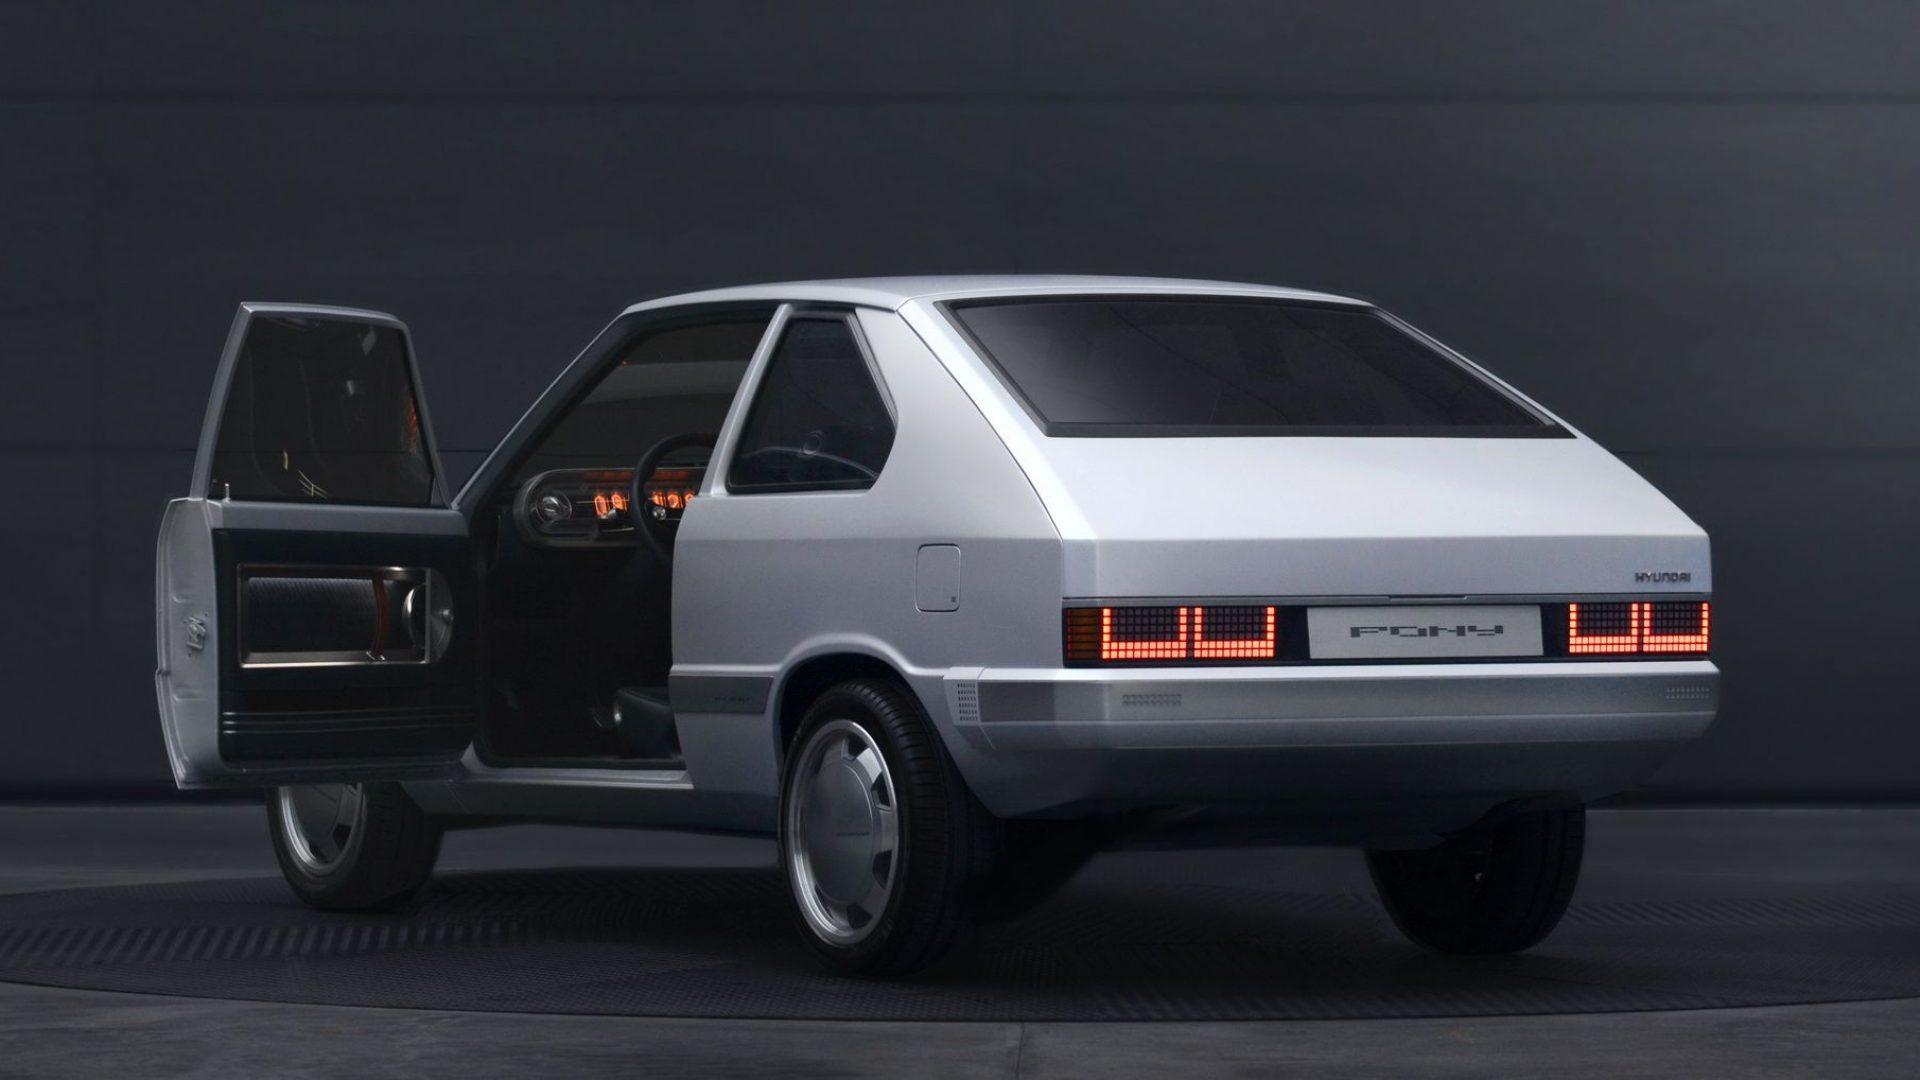 2021-Hyundai-Pony-EV-Show-Car-05